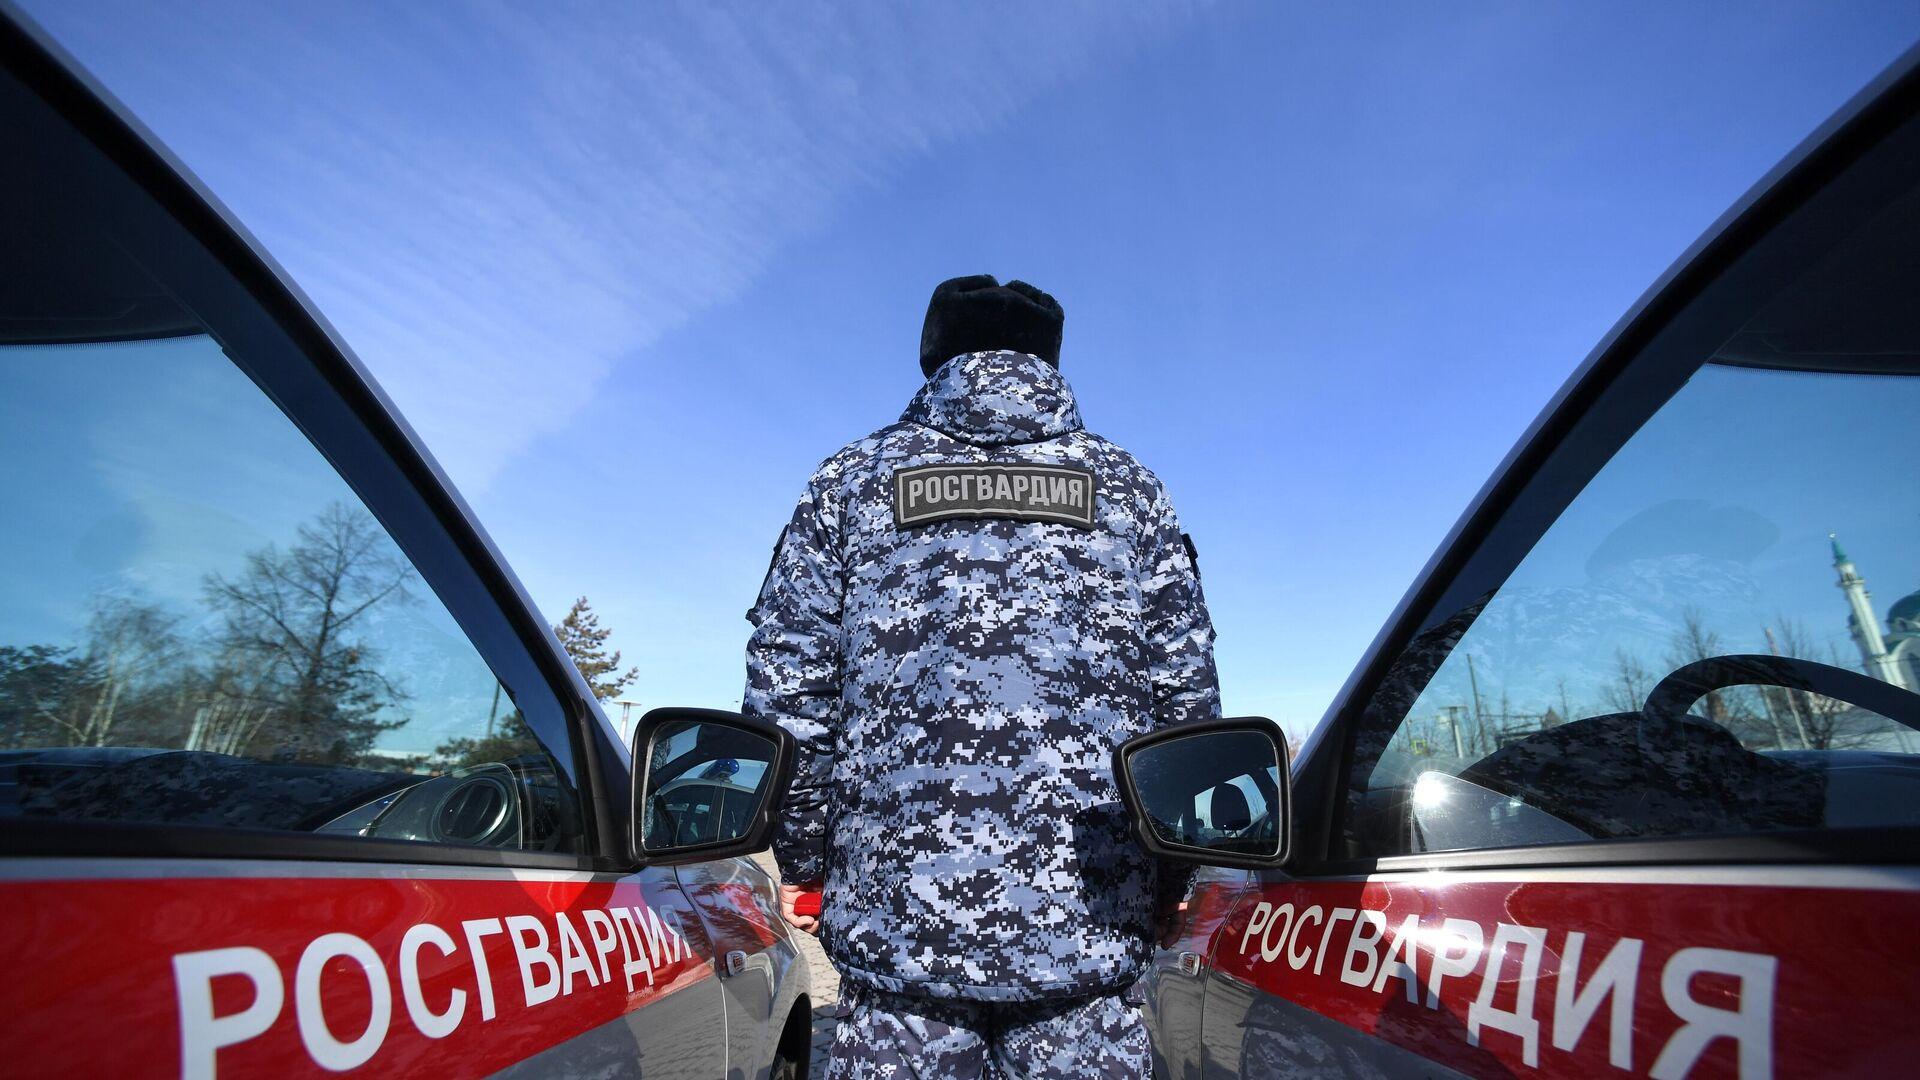 Un agente de la Guardia Nacional de Rusia (Rosgvardia) - Sputnik Mundo, 1920, 30.03.2021